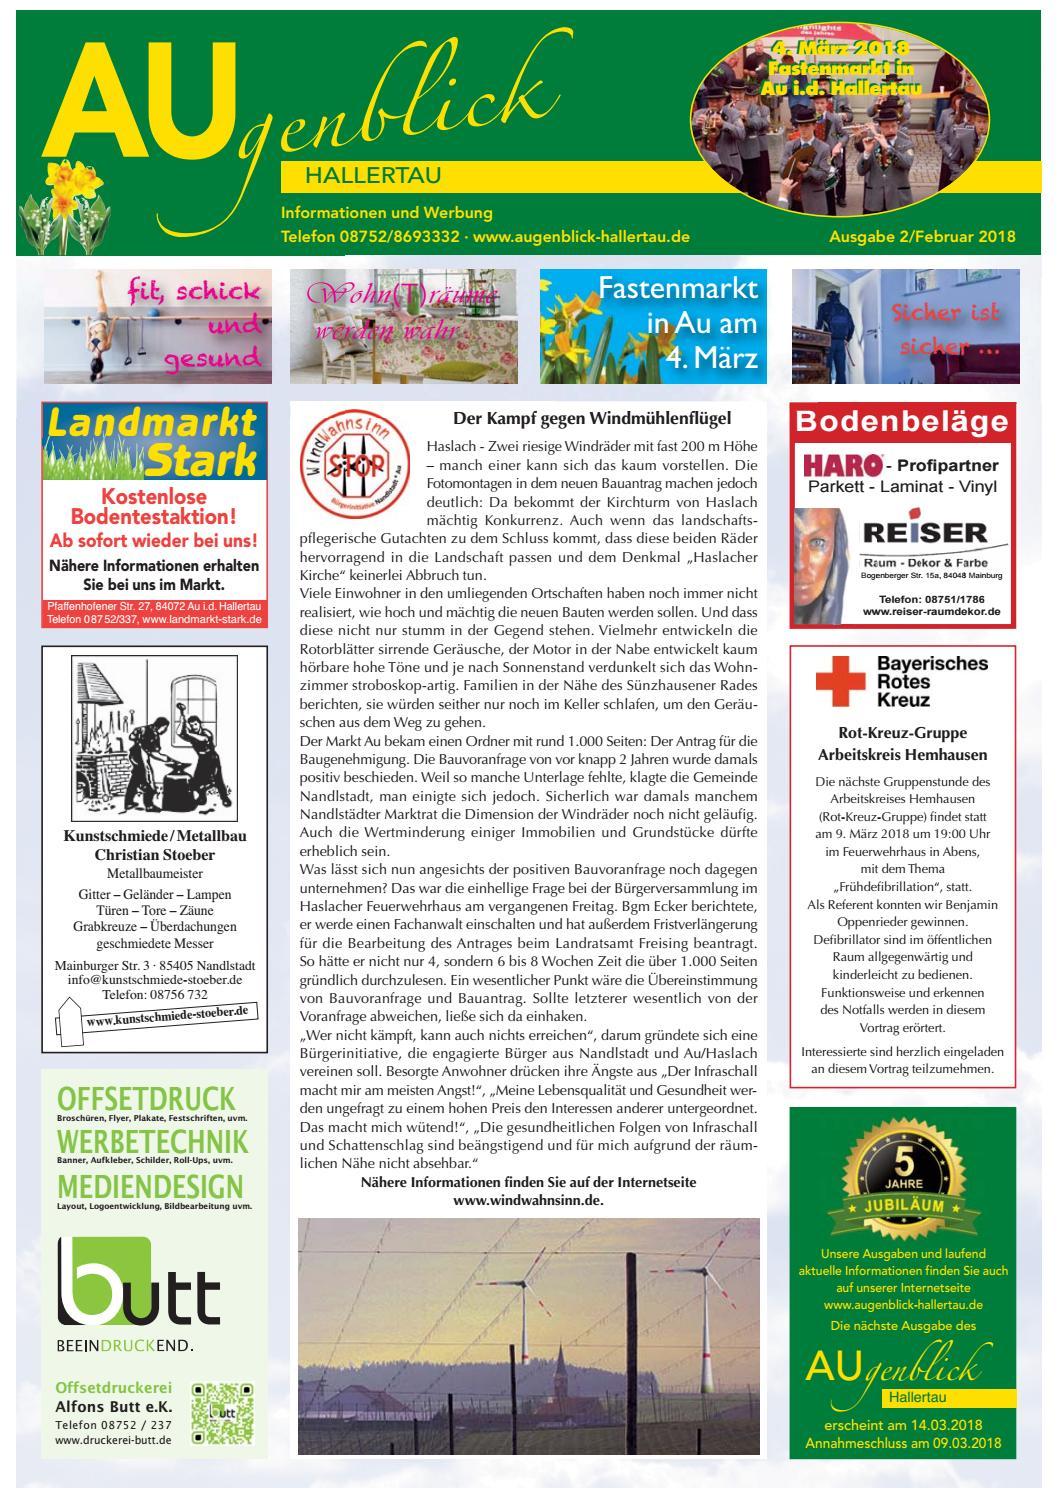 Augenblick Hallertau Ausgabe Februar 2018 By Augenblick